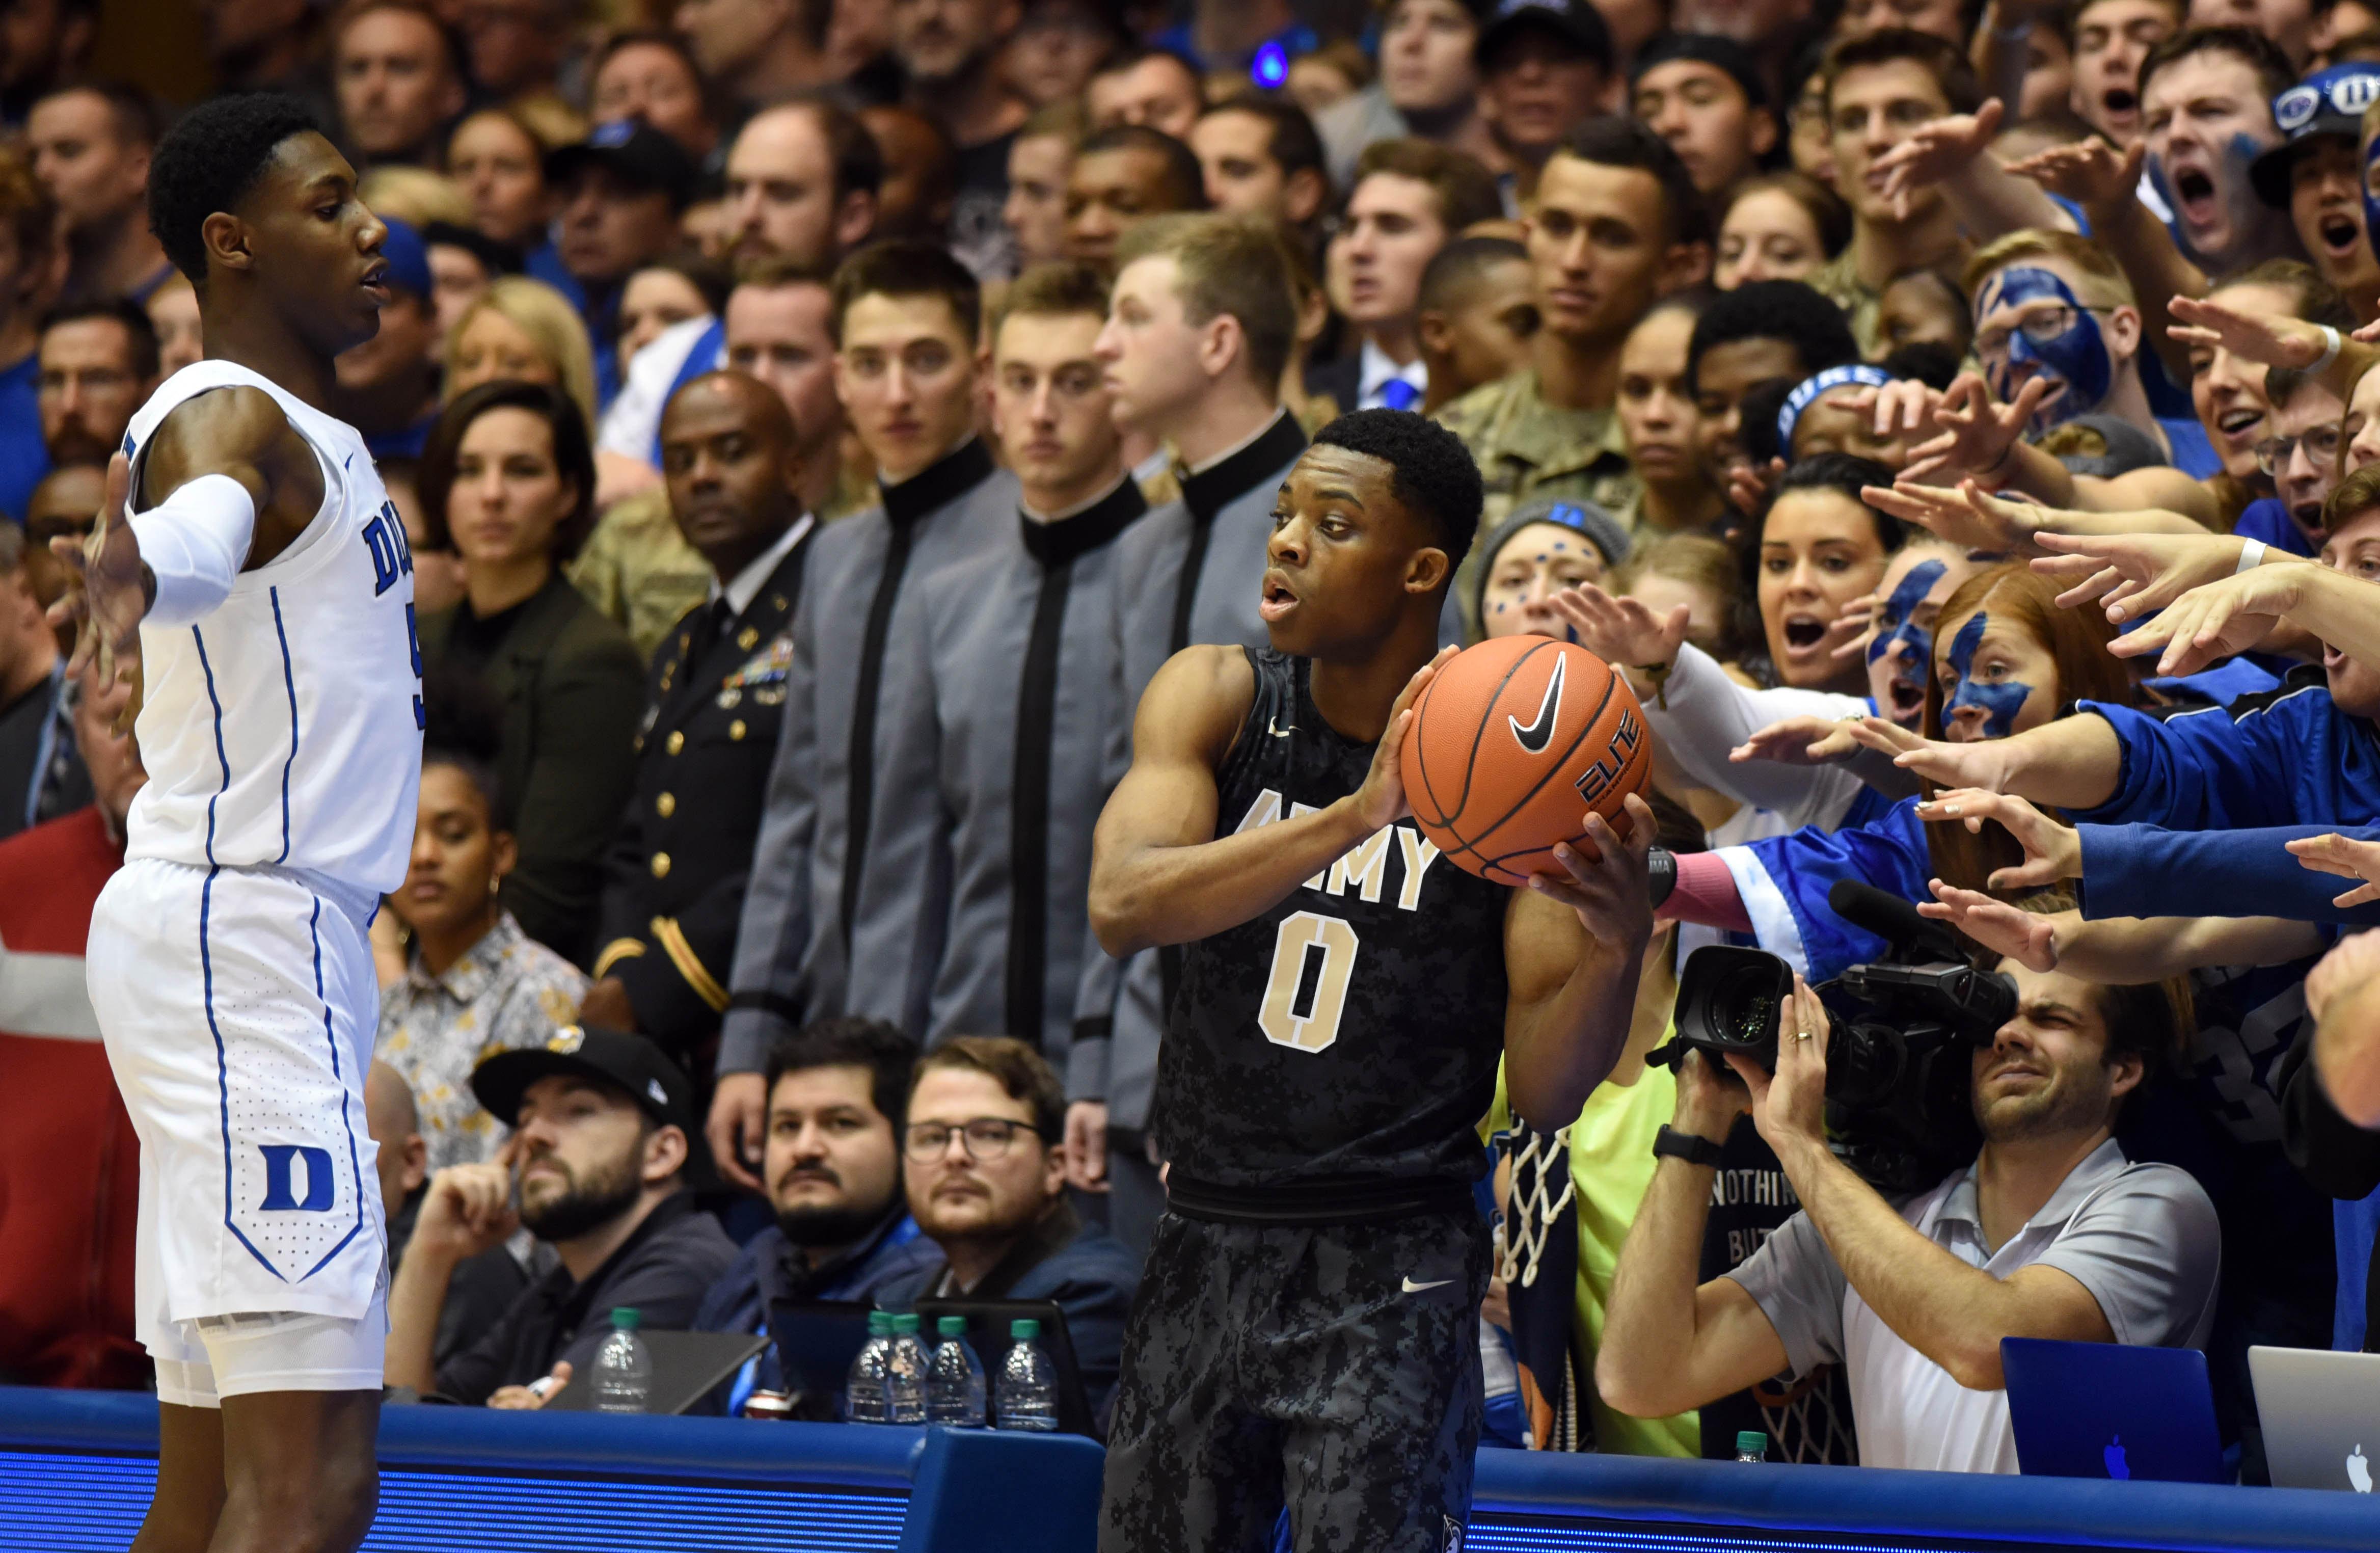 NCAA Basketball: Army at Duke